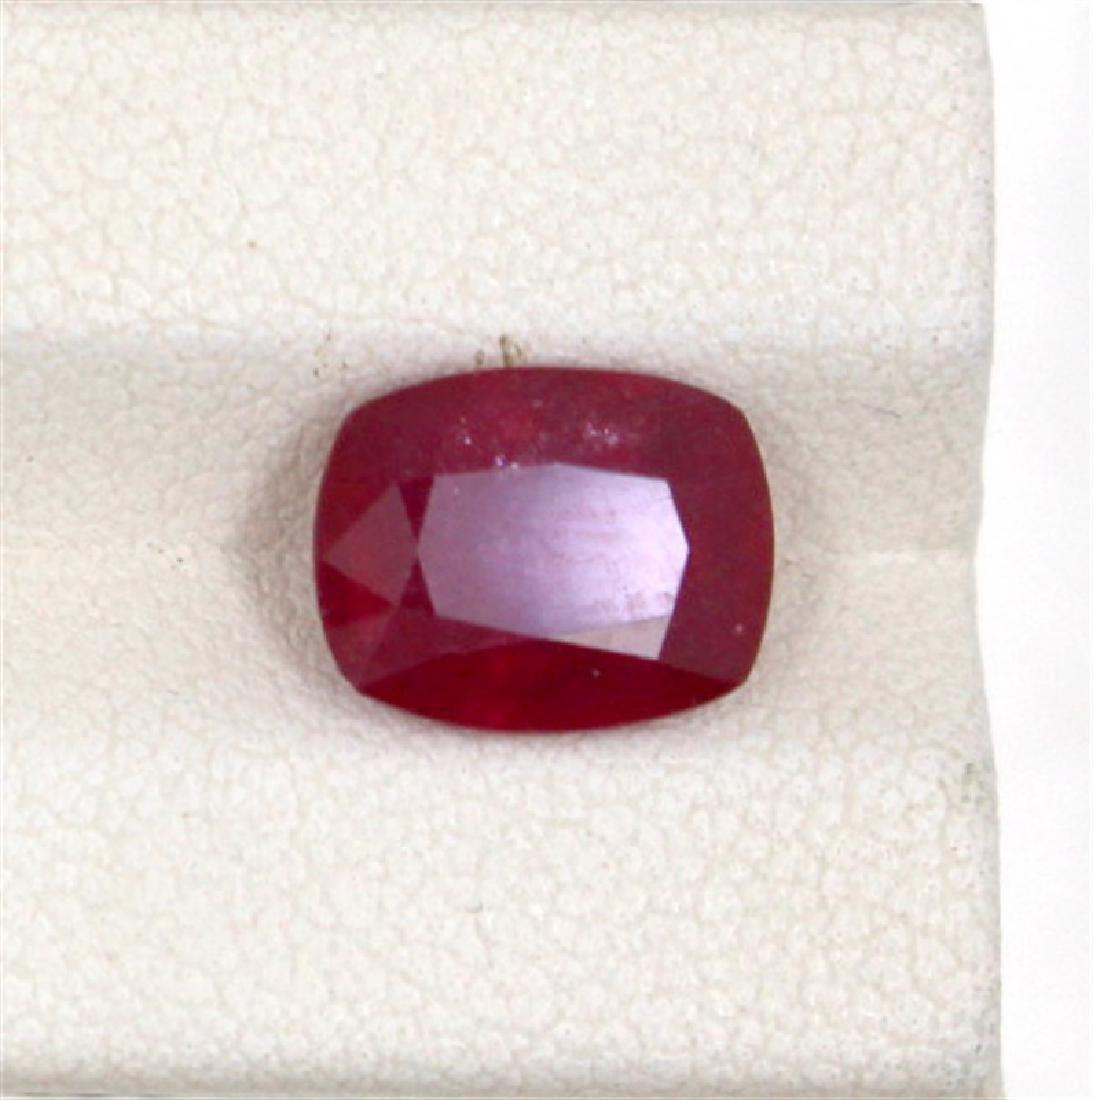 3.46ct  ruby emerald cut